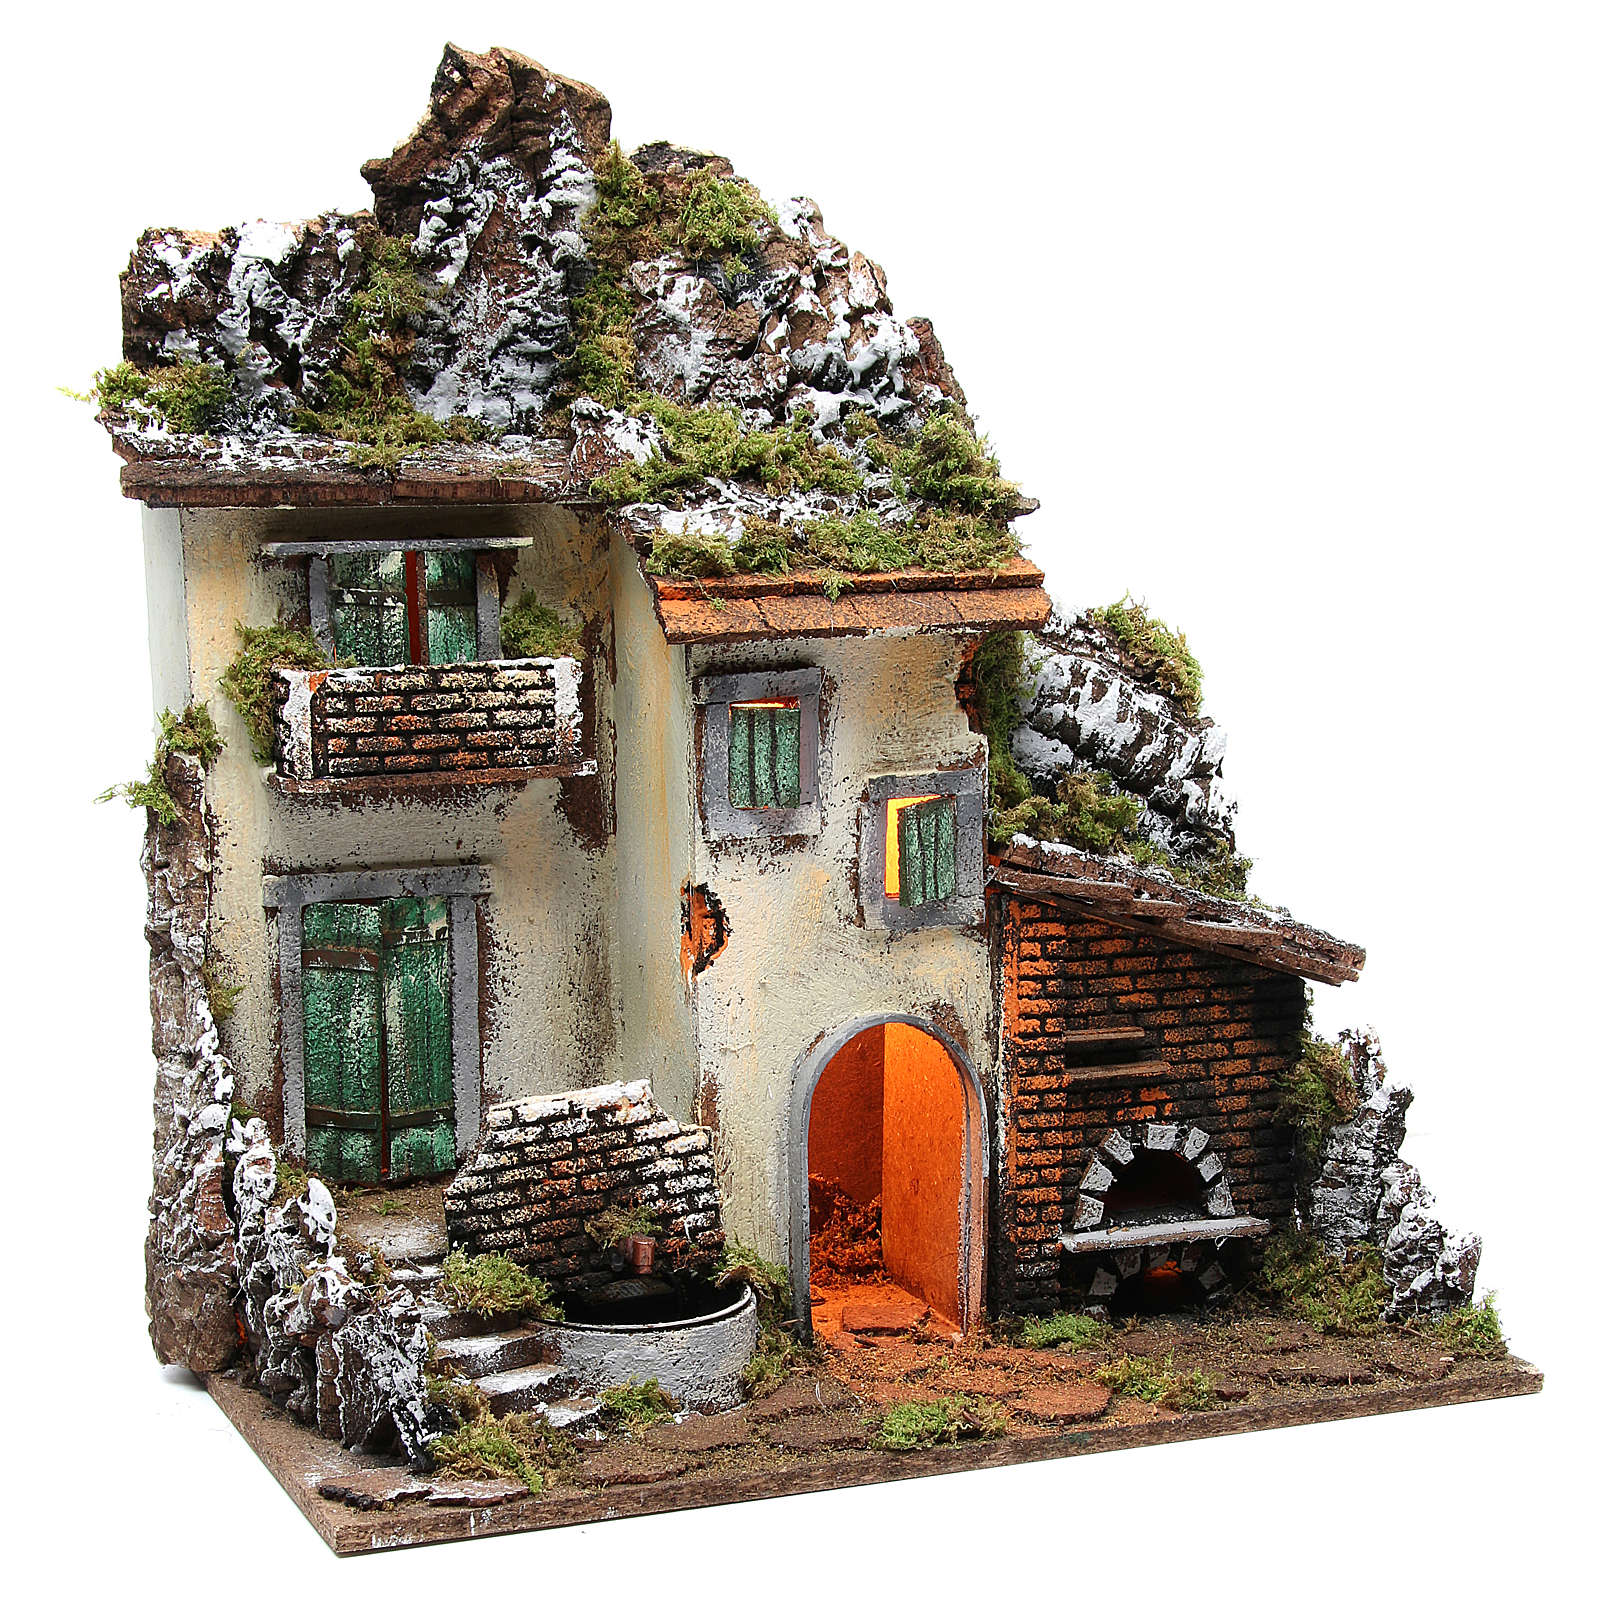 Borgo con capanna presepe cm 55x50x35 con luce fontana forno 4